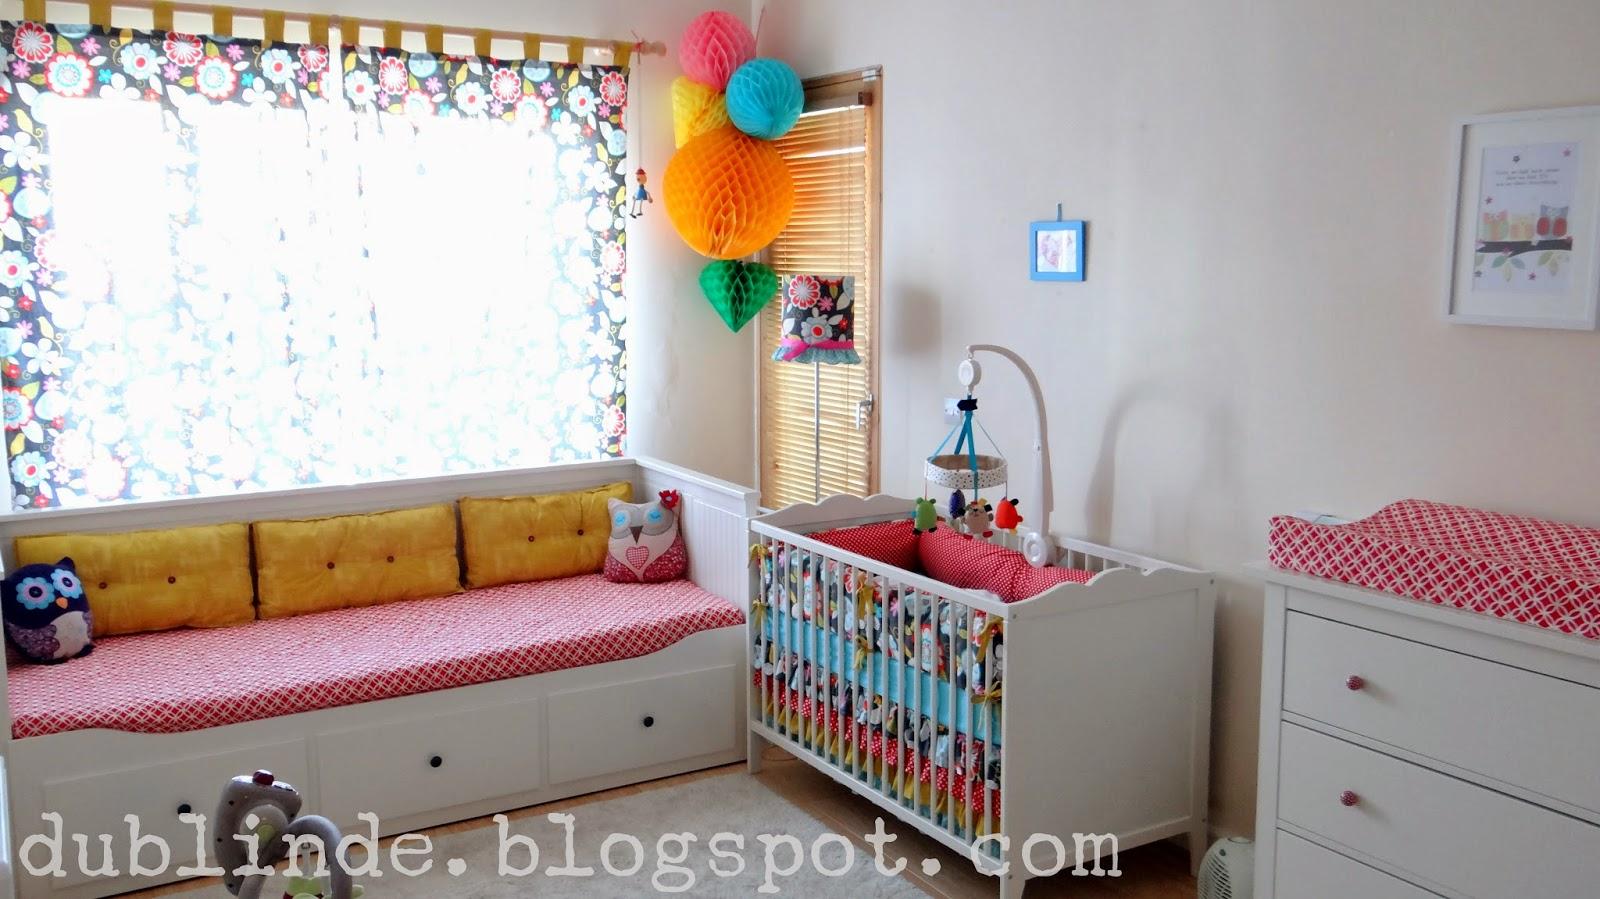 Çocuk Odası için Takvimden Duvar Süsü Yapımı